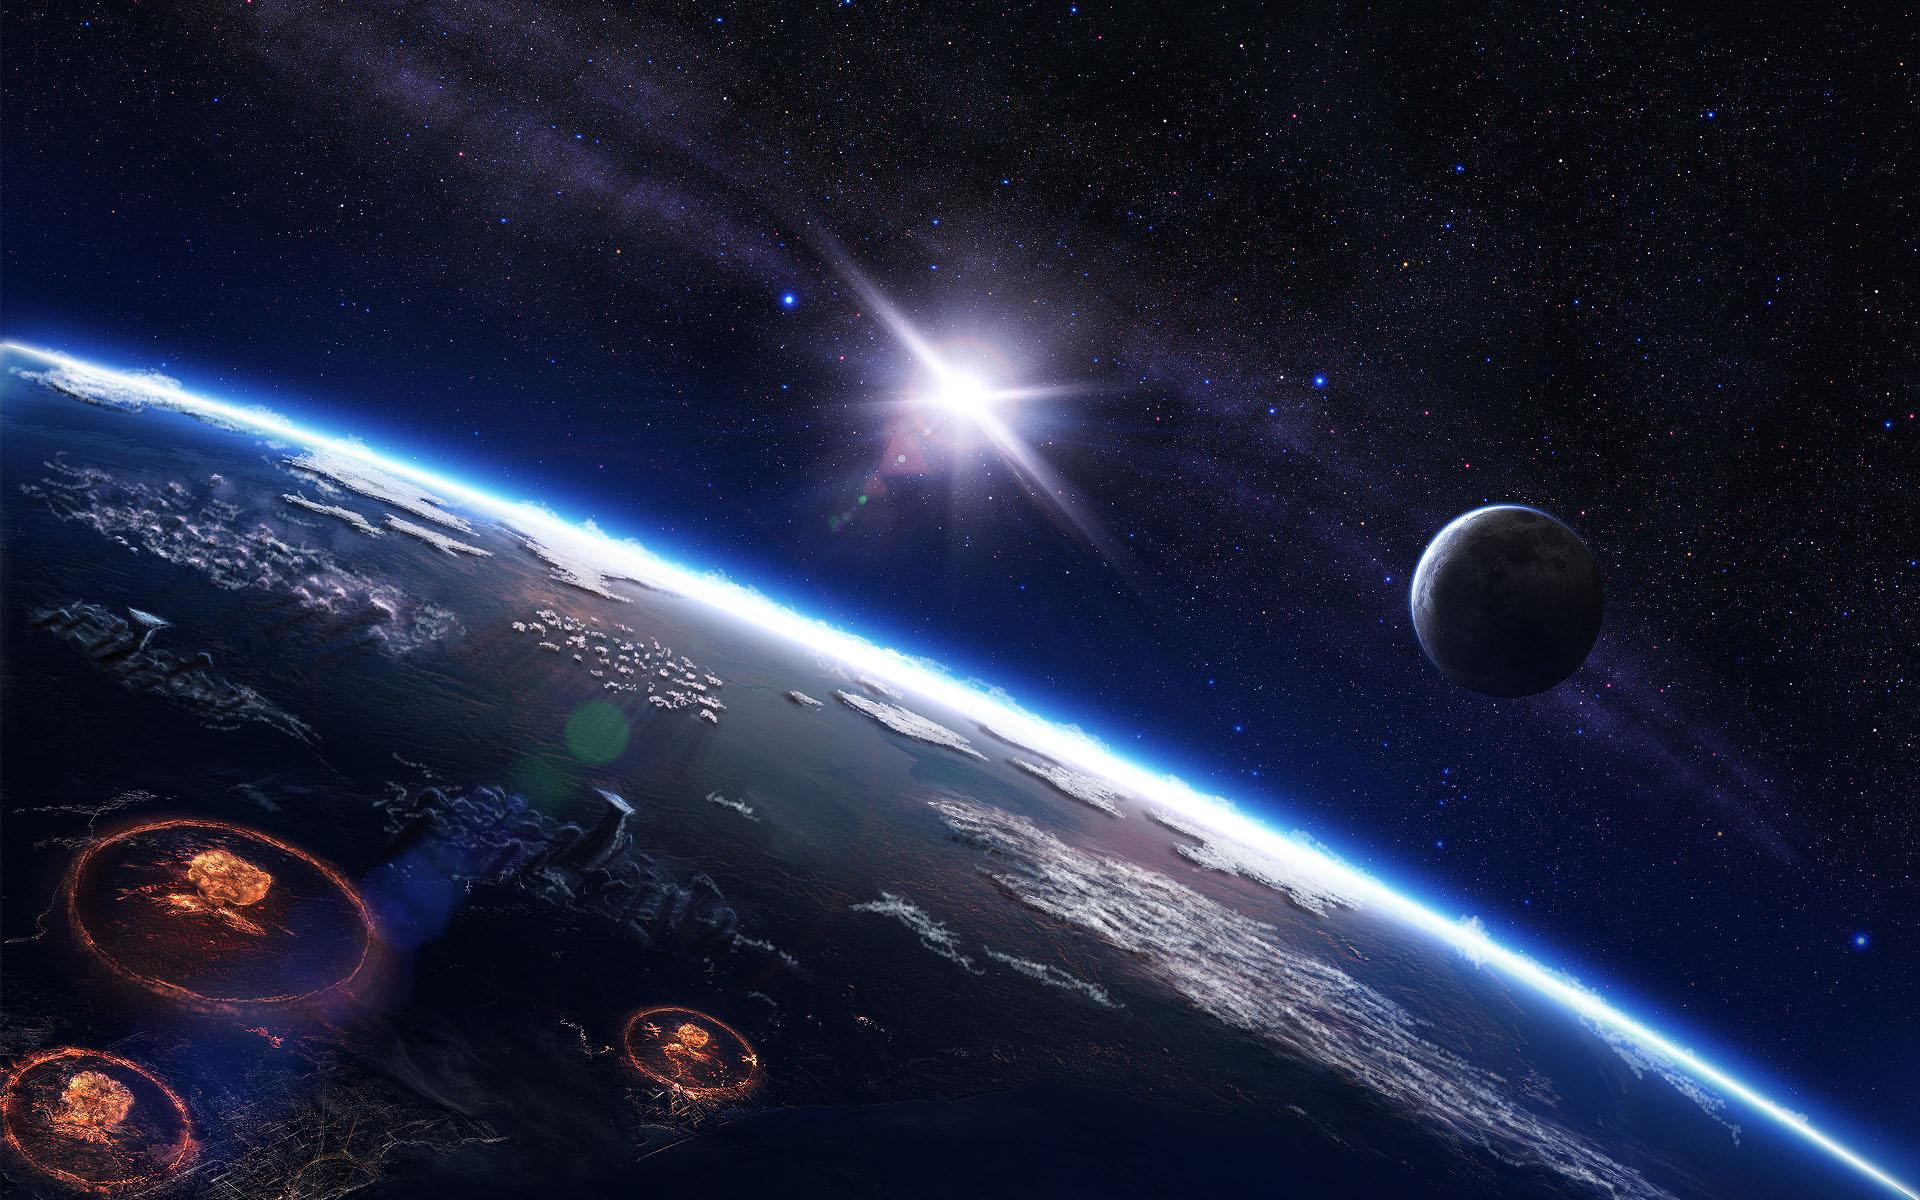 Обои планета замля космос картинки на рабочий стол на тему Космос - скачать  № 3557338  скачать